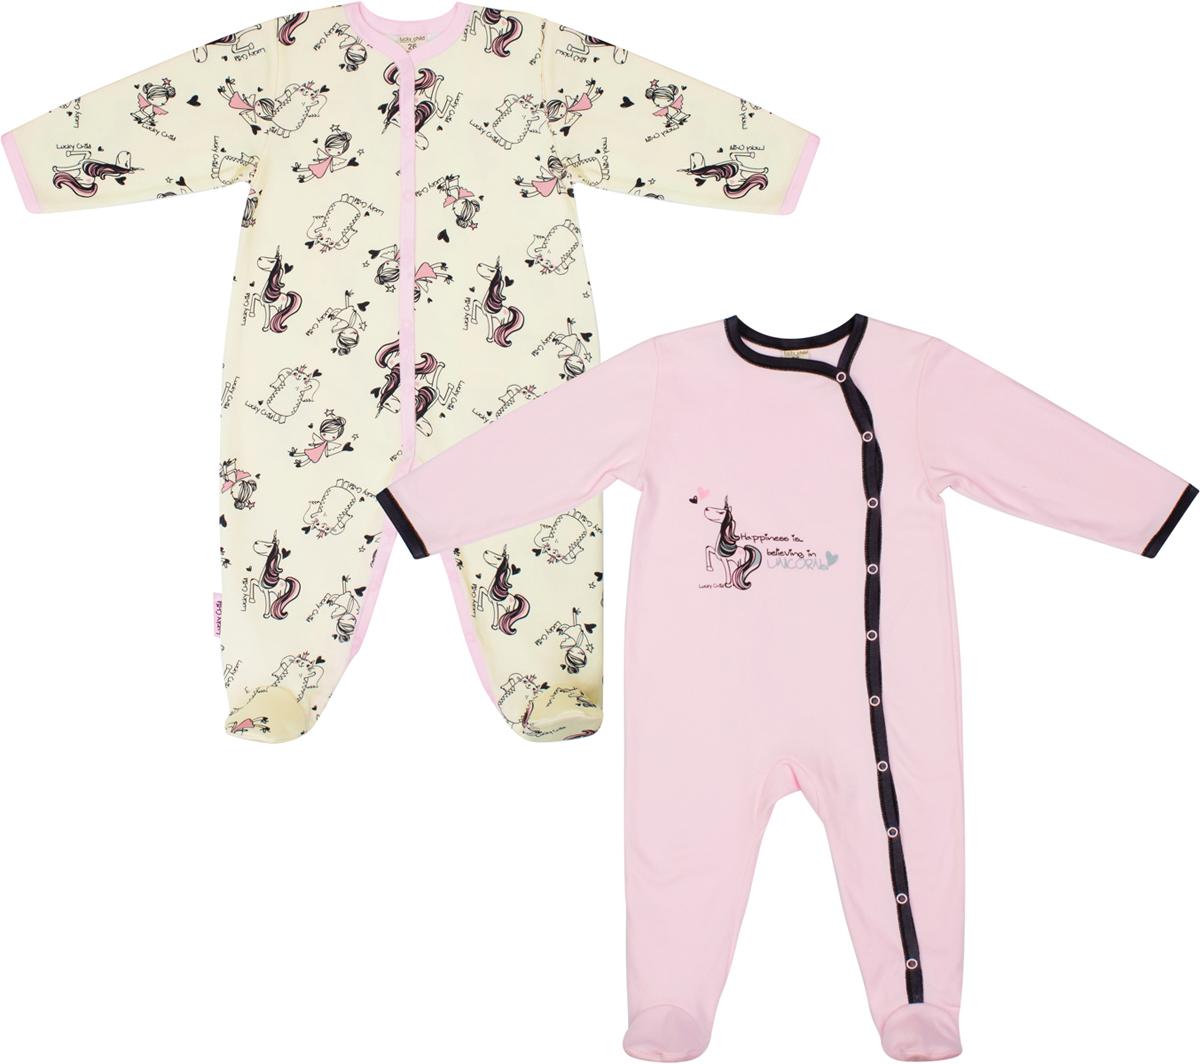 Комбинезон домашний детский Lucky Child, цвет: розовый, бежевый, 2шт. 30-191-1. Размер 80/8630-191-1/2штДетский комбинезон Lucky Child - очень удобный и практичный вид одежды для малышей. Комбинезон выполнен из натурального хлопка, благодаря чему он необычайно мягкий и приятный на ощупь, не раздражают нежную кожу ребенка и хорошо вентилируются, а эластичные швы приятны телу малыша и не препятствуют его движениям. Комбинезон с длинными рукавами и закрытыми ножками имеет застежки-кнопки от горловины до щиколоток, которые помогают легко переодеть младенца или сменить подгузник. В комплект входит два комбинезона разных цветов с принтом.